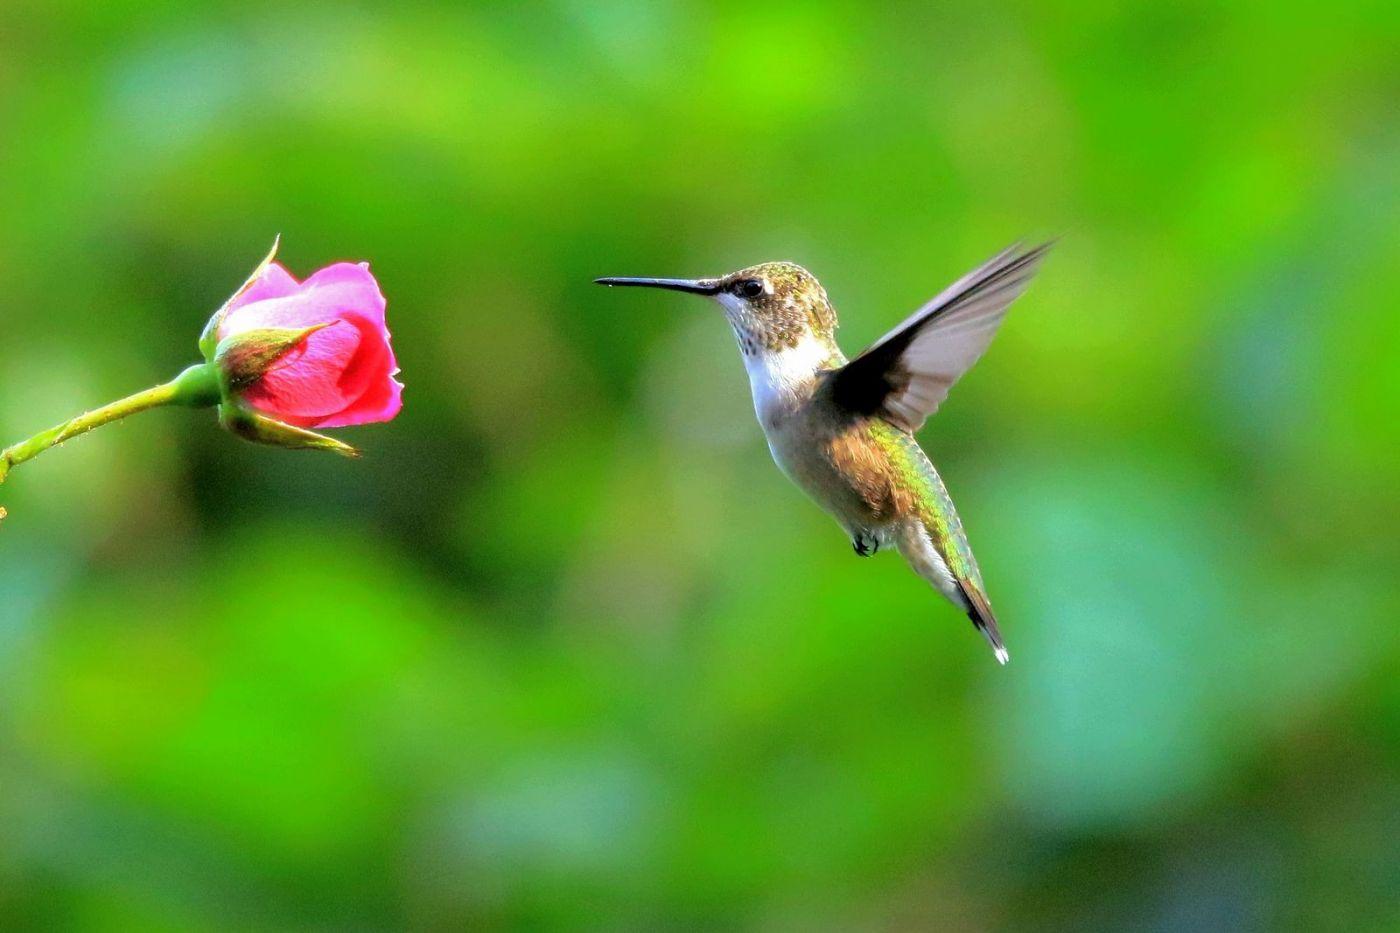 凯辛娜公园拍的蜂鸟_图1-6